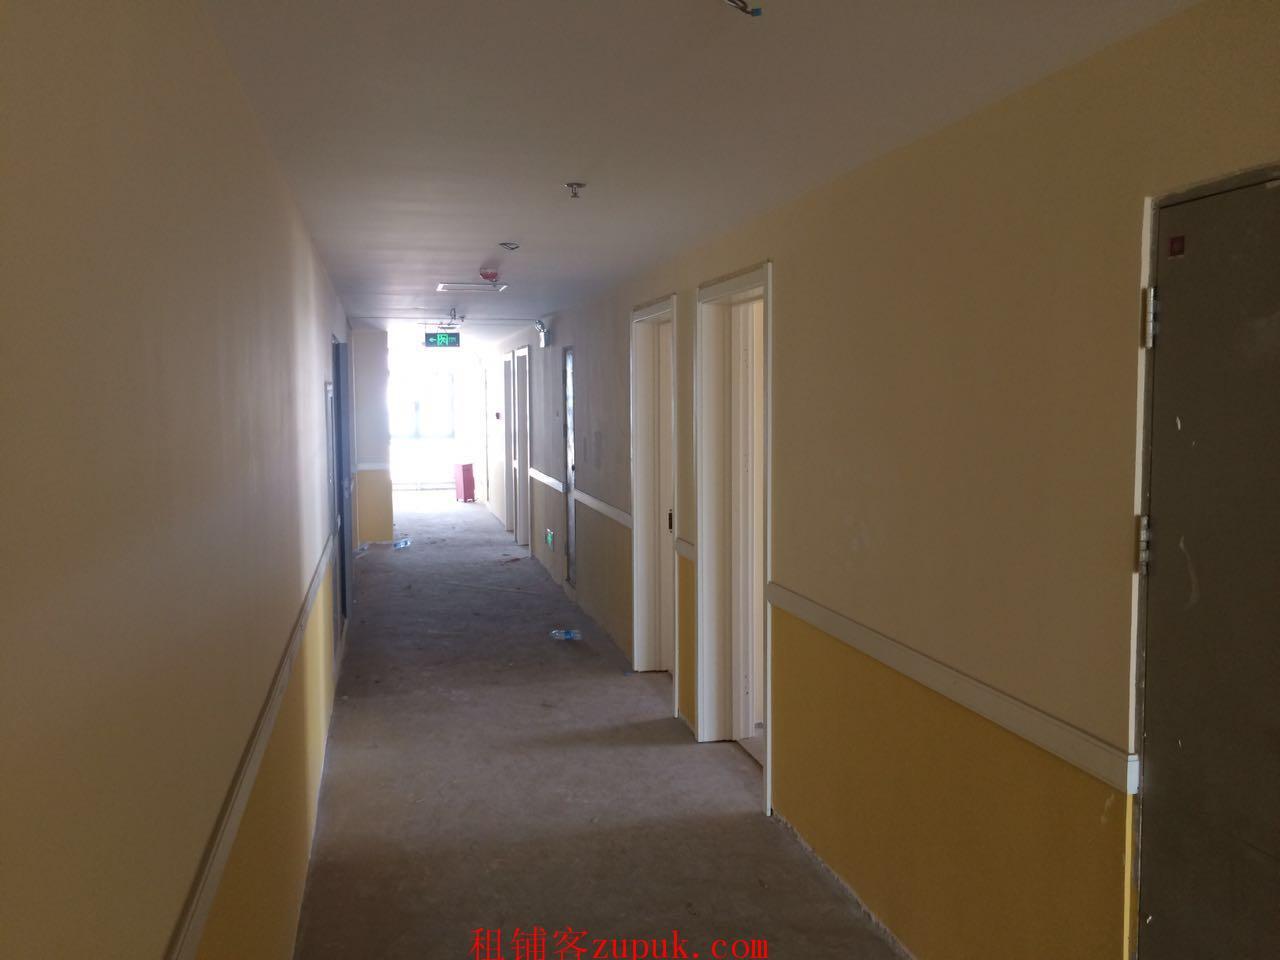 整栋出粗可做主题公寓、酒店